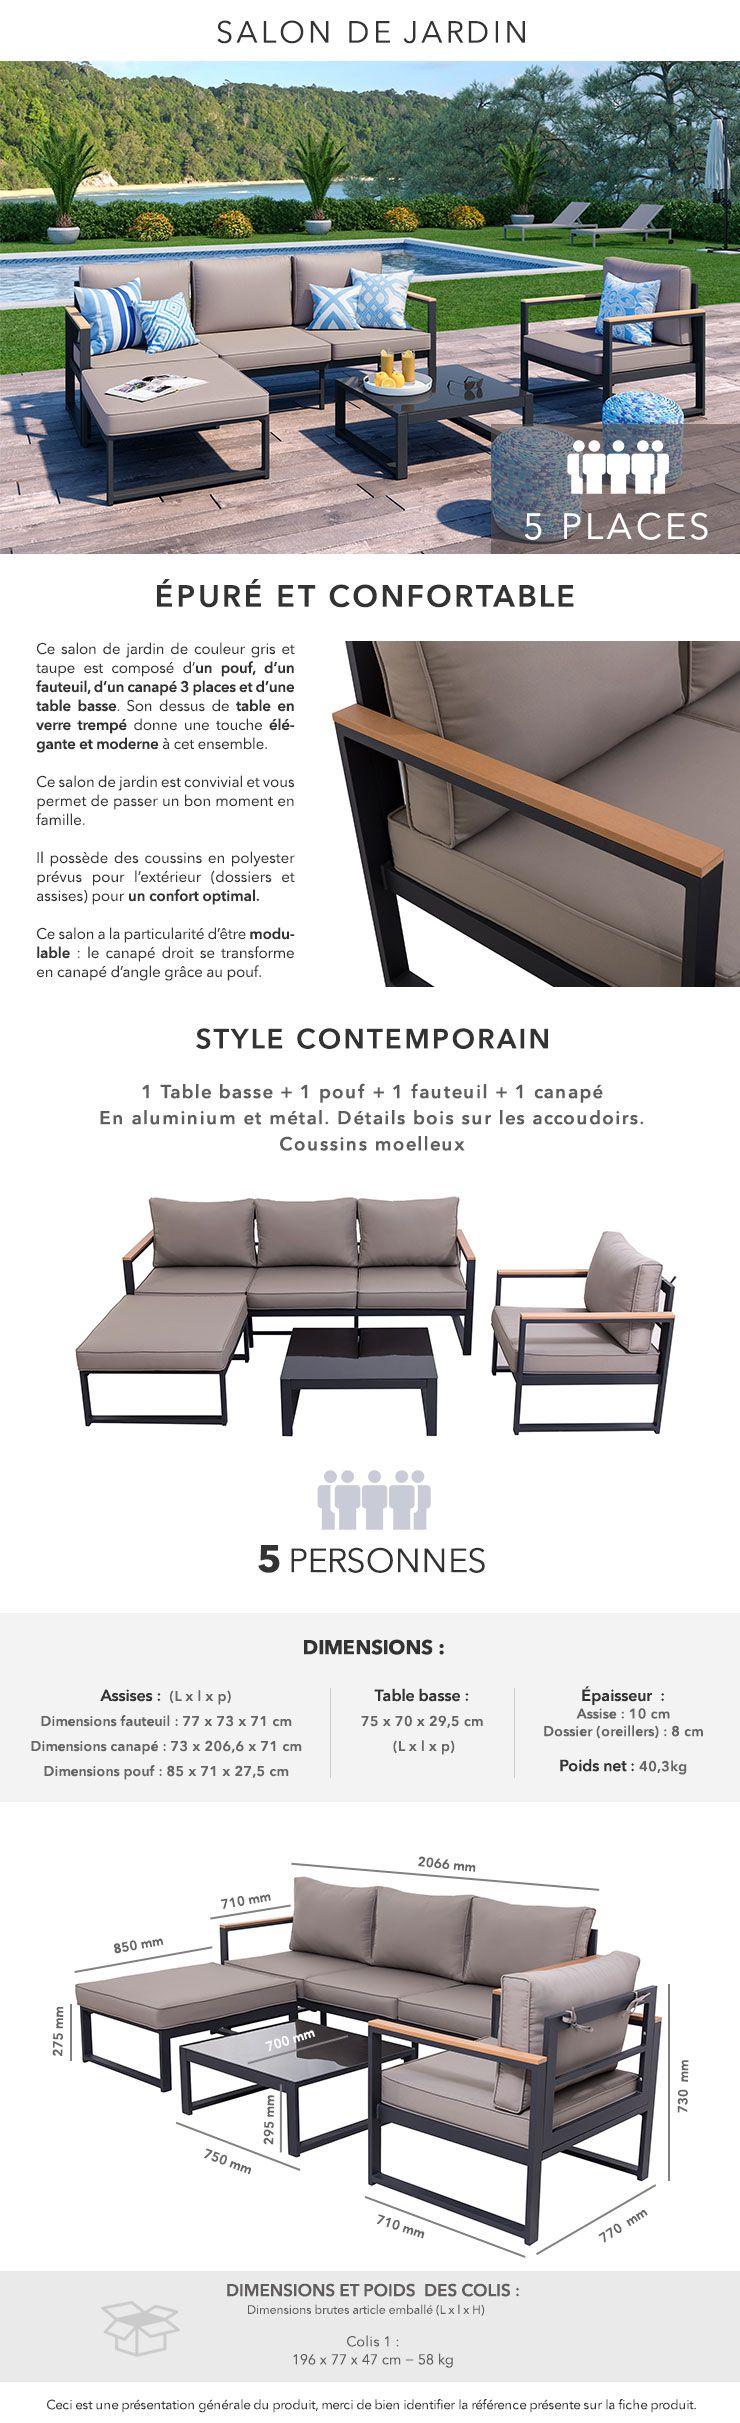 LOUNGITUDE Salon de jardin 4 places en aluminium - Gris foncé avec ...